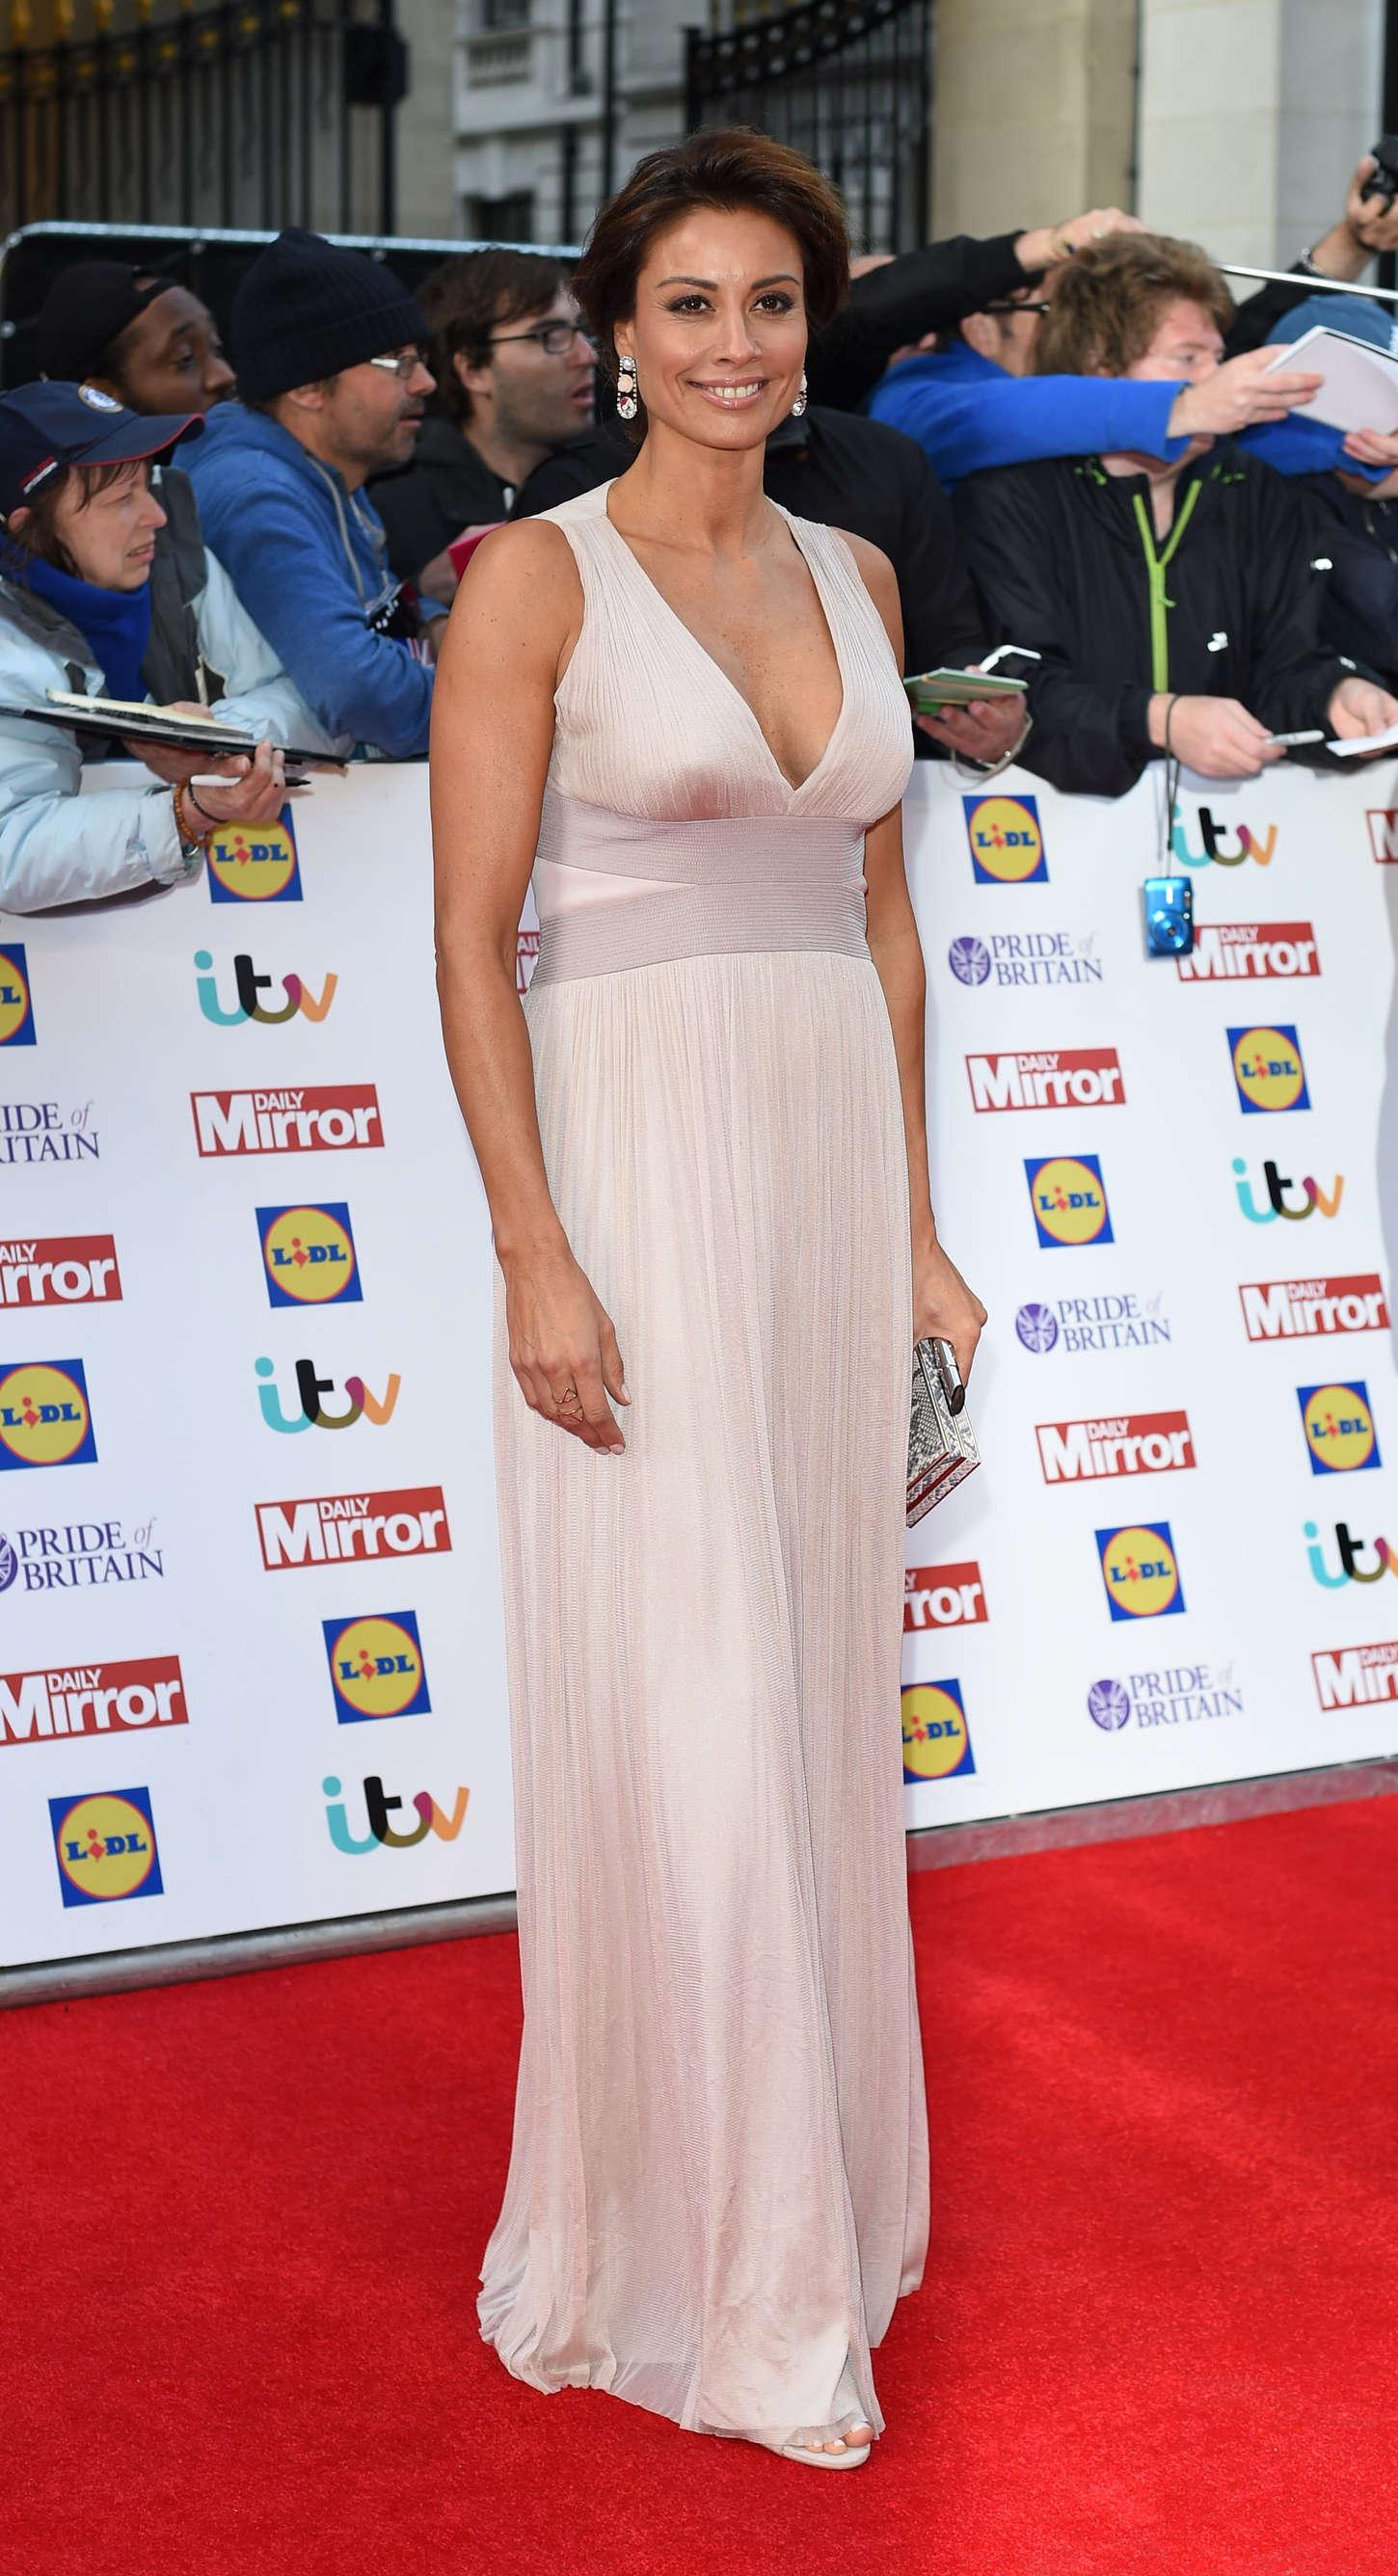 Melanie Sykes Pride of Britain Awards in London